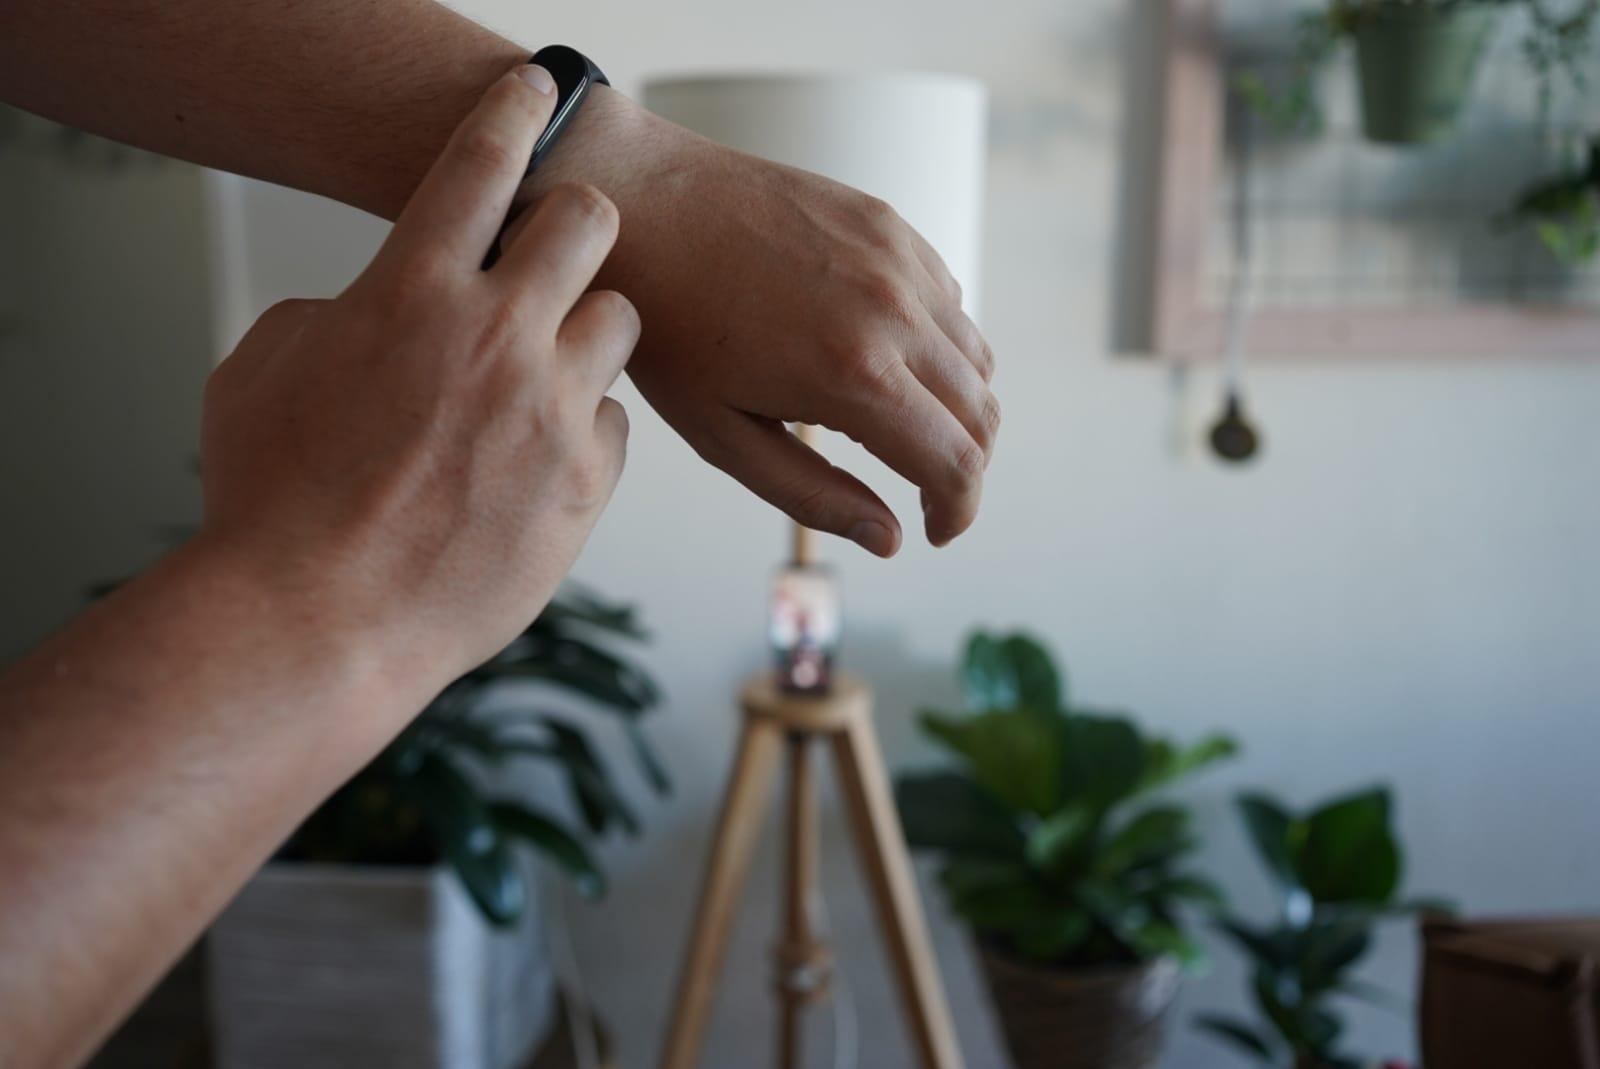 Telefooncamera bedienen op afstand Mi Band 5 Xiaomi stappenplan